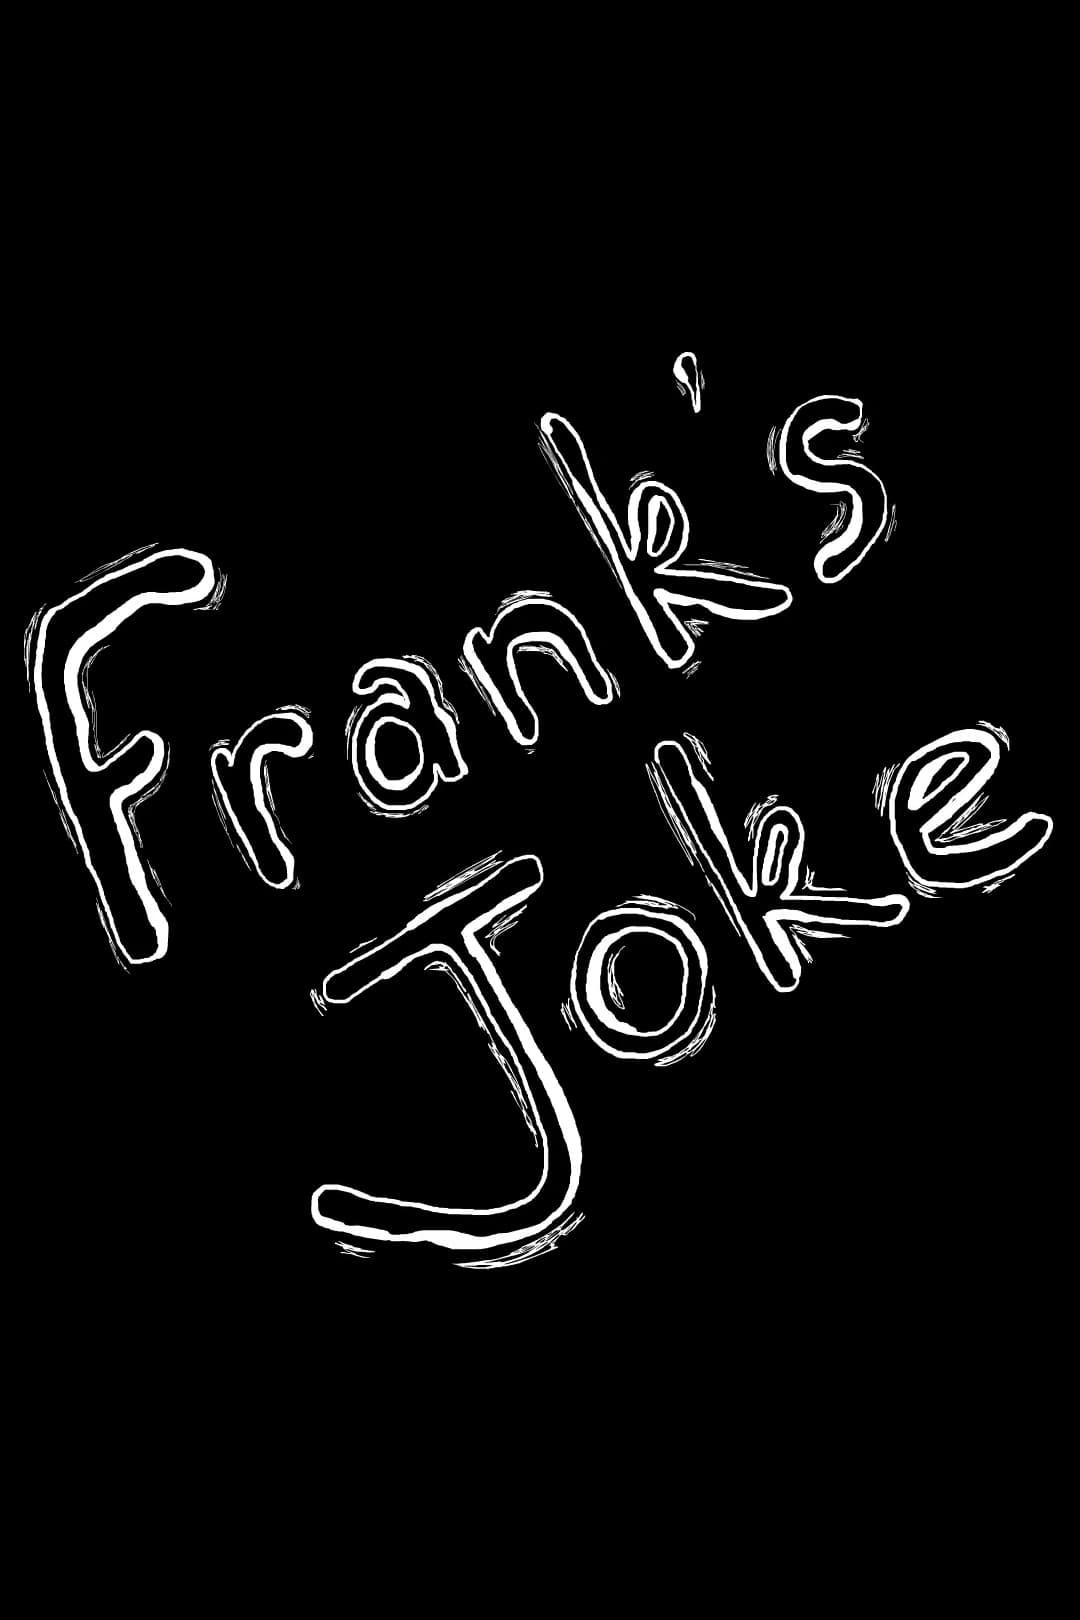 Frank's Joke (2018)